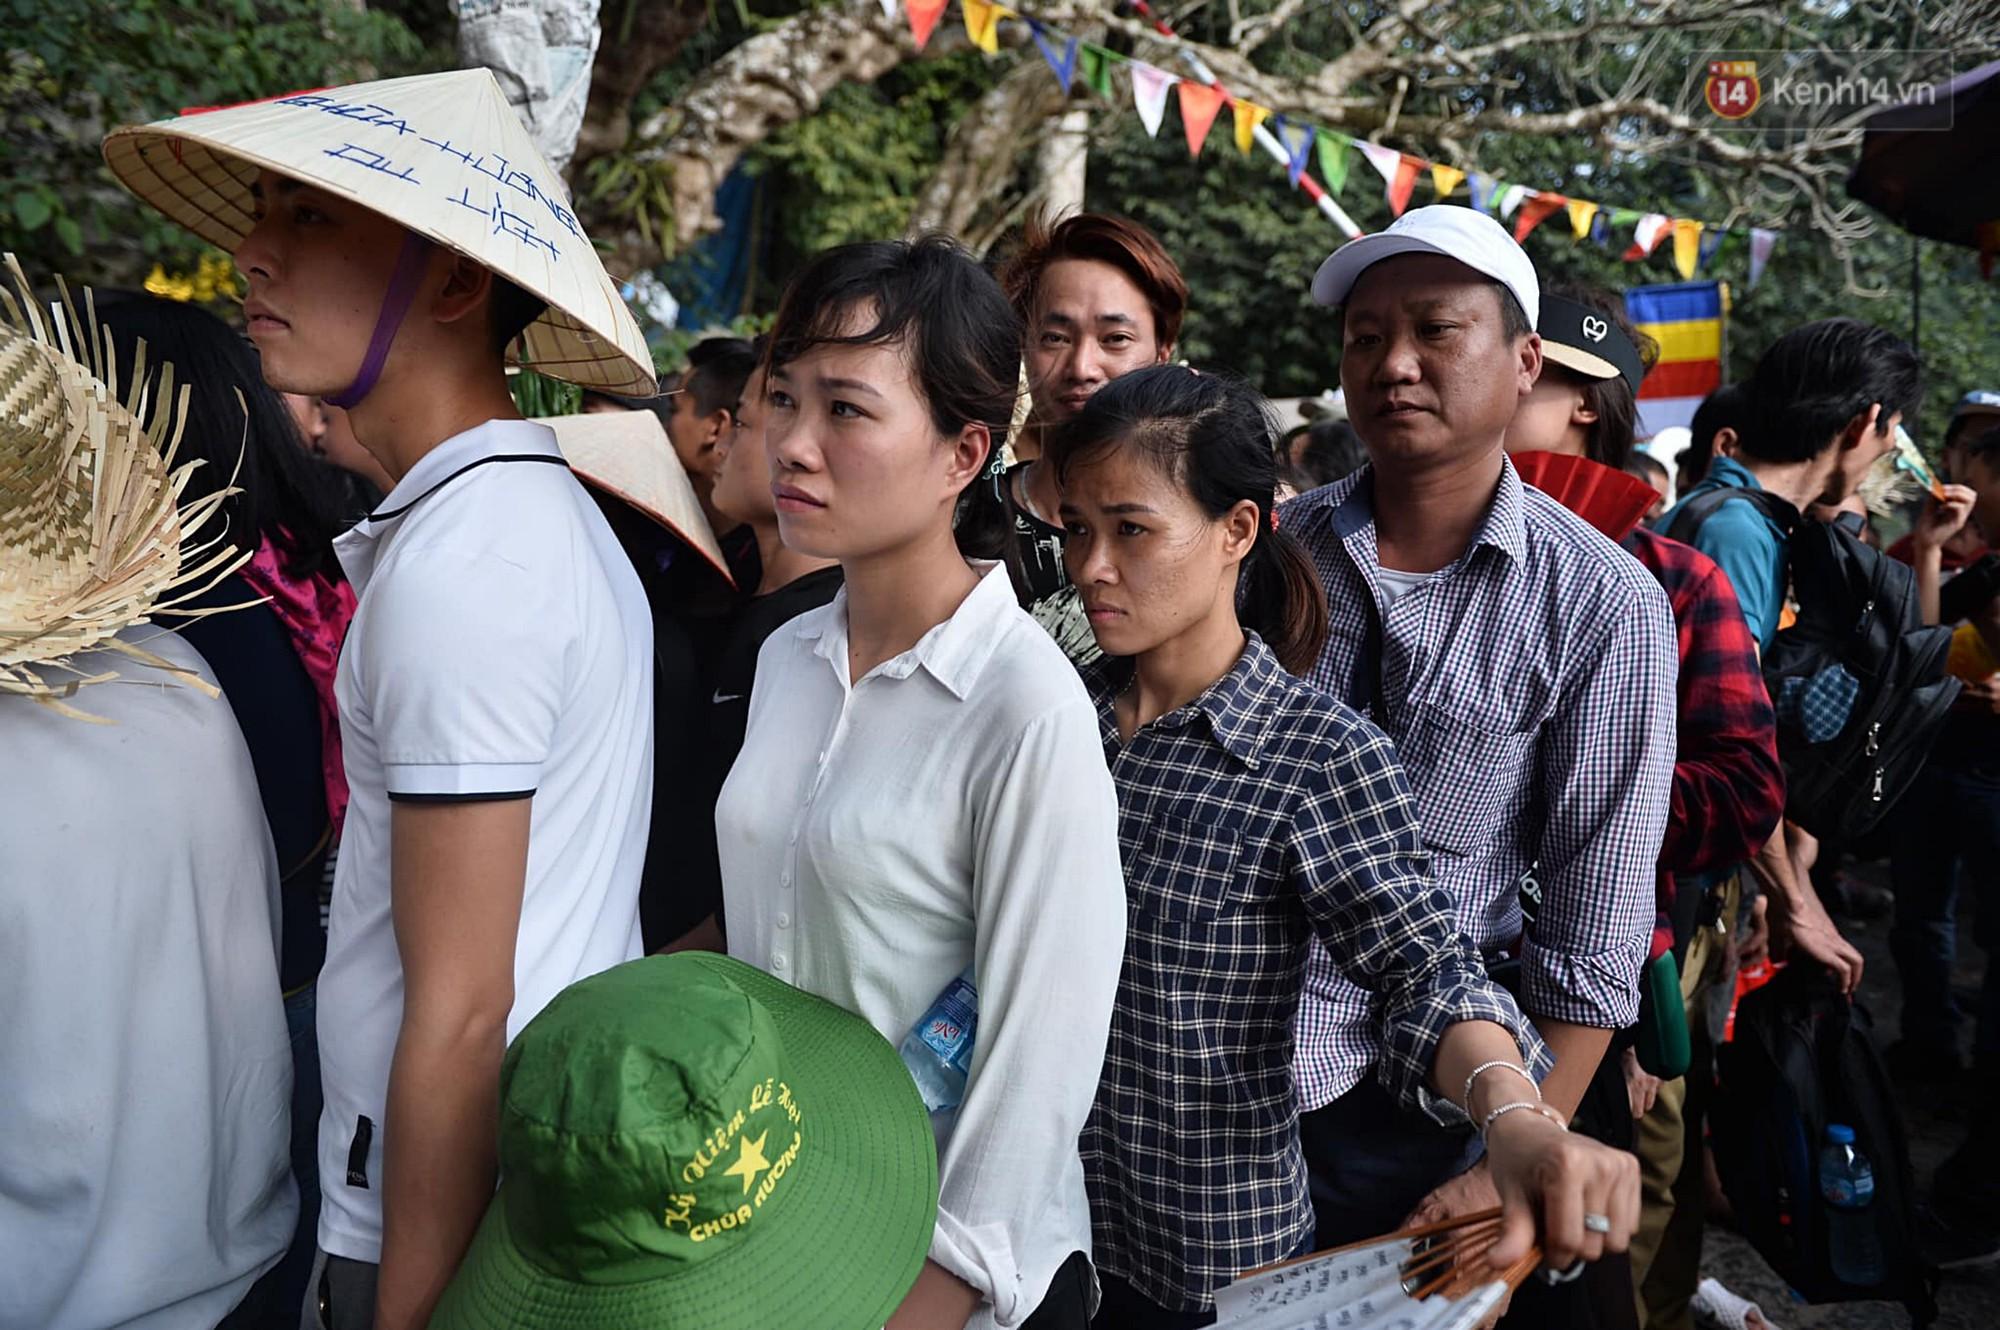 Gần 5 vạn người đổ về chùa Hương trong ngày mồng 5 Tết, 1 ngày trước khi khai hội - Ảnh 8.